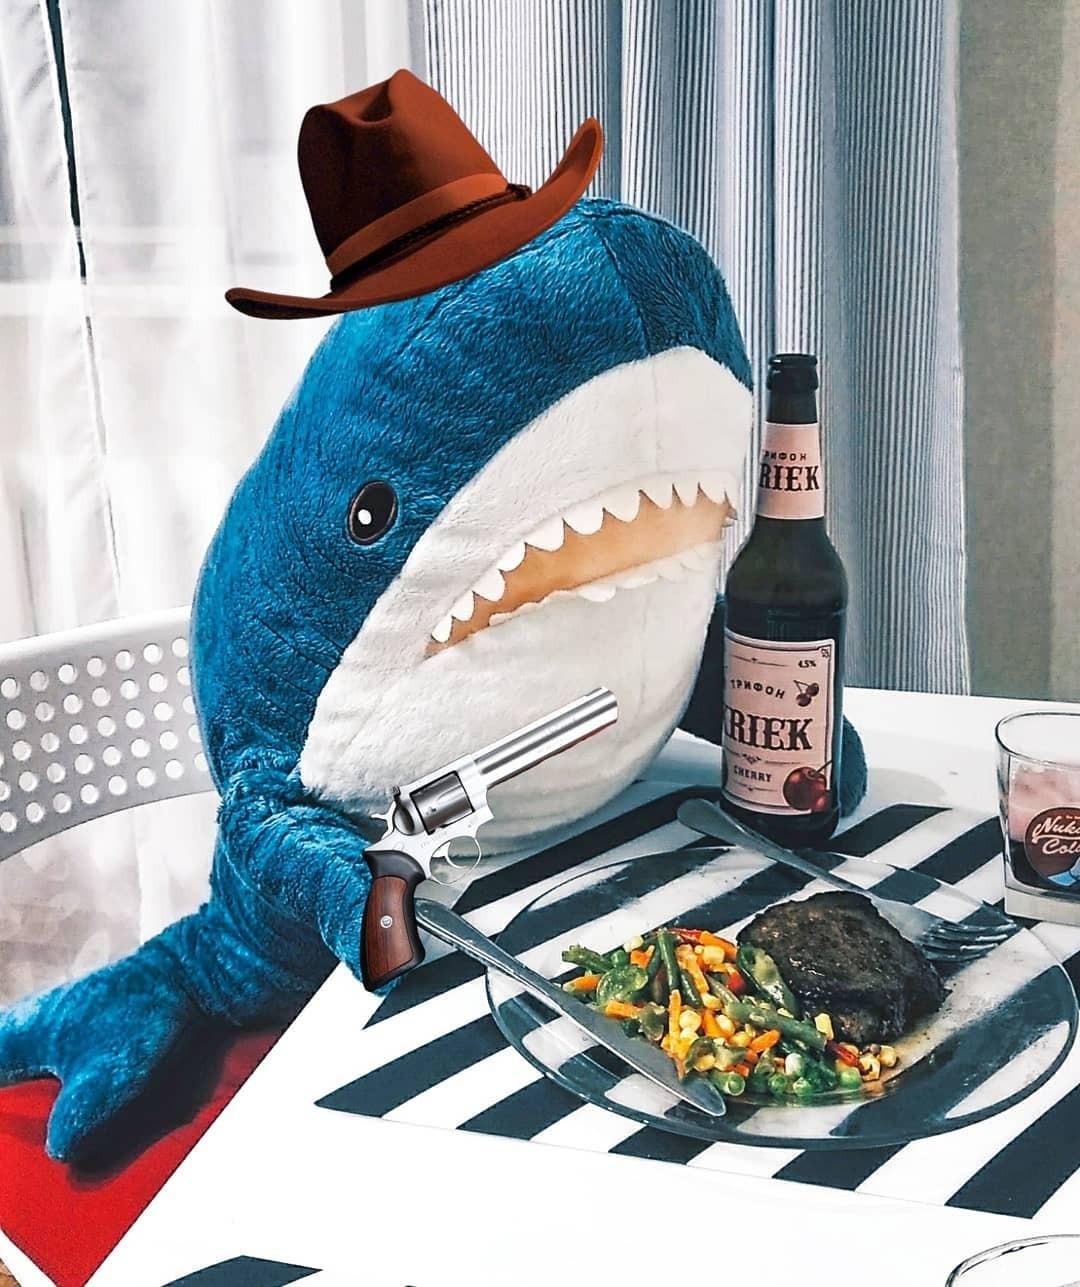 Особенно сообразительные граждане неупустили возможность нажиться наэтом ажиотаже истали продавать игрушечных акул насайтах частных объявлений втри-четыре раза дороже. Например, нао...